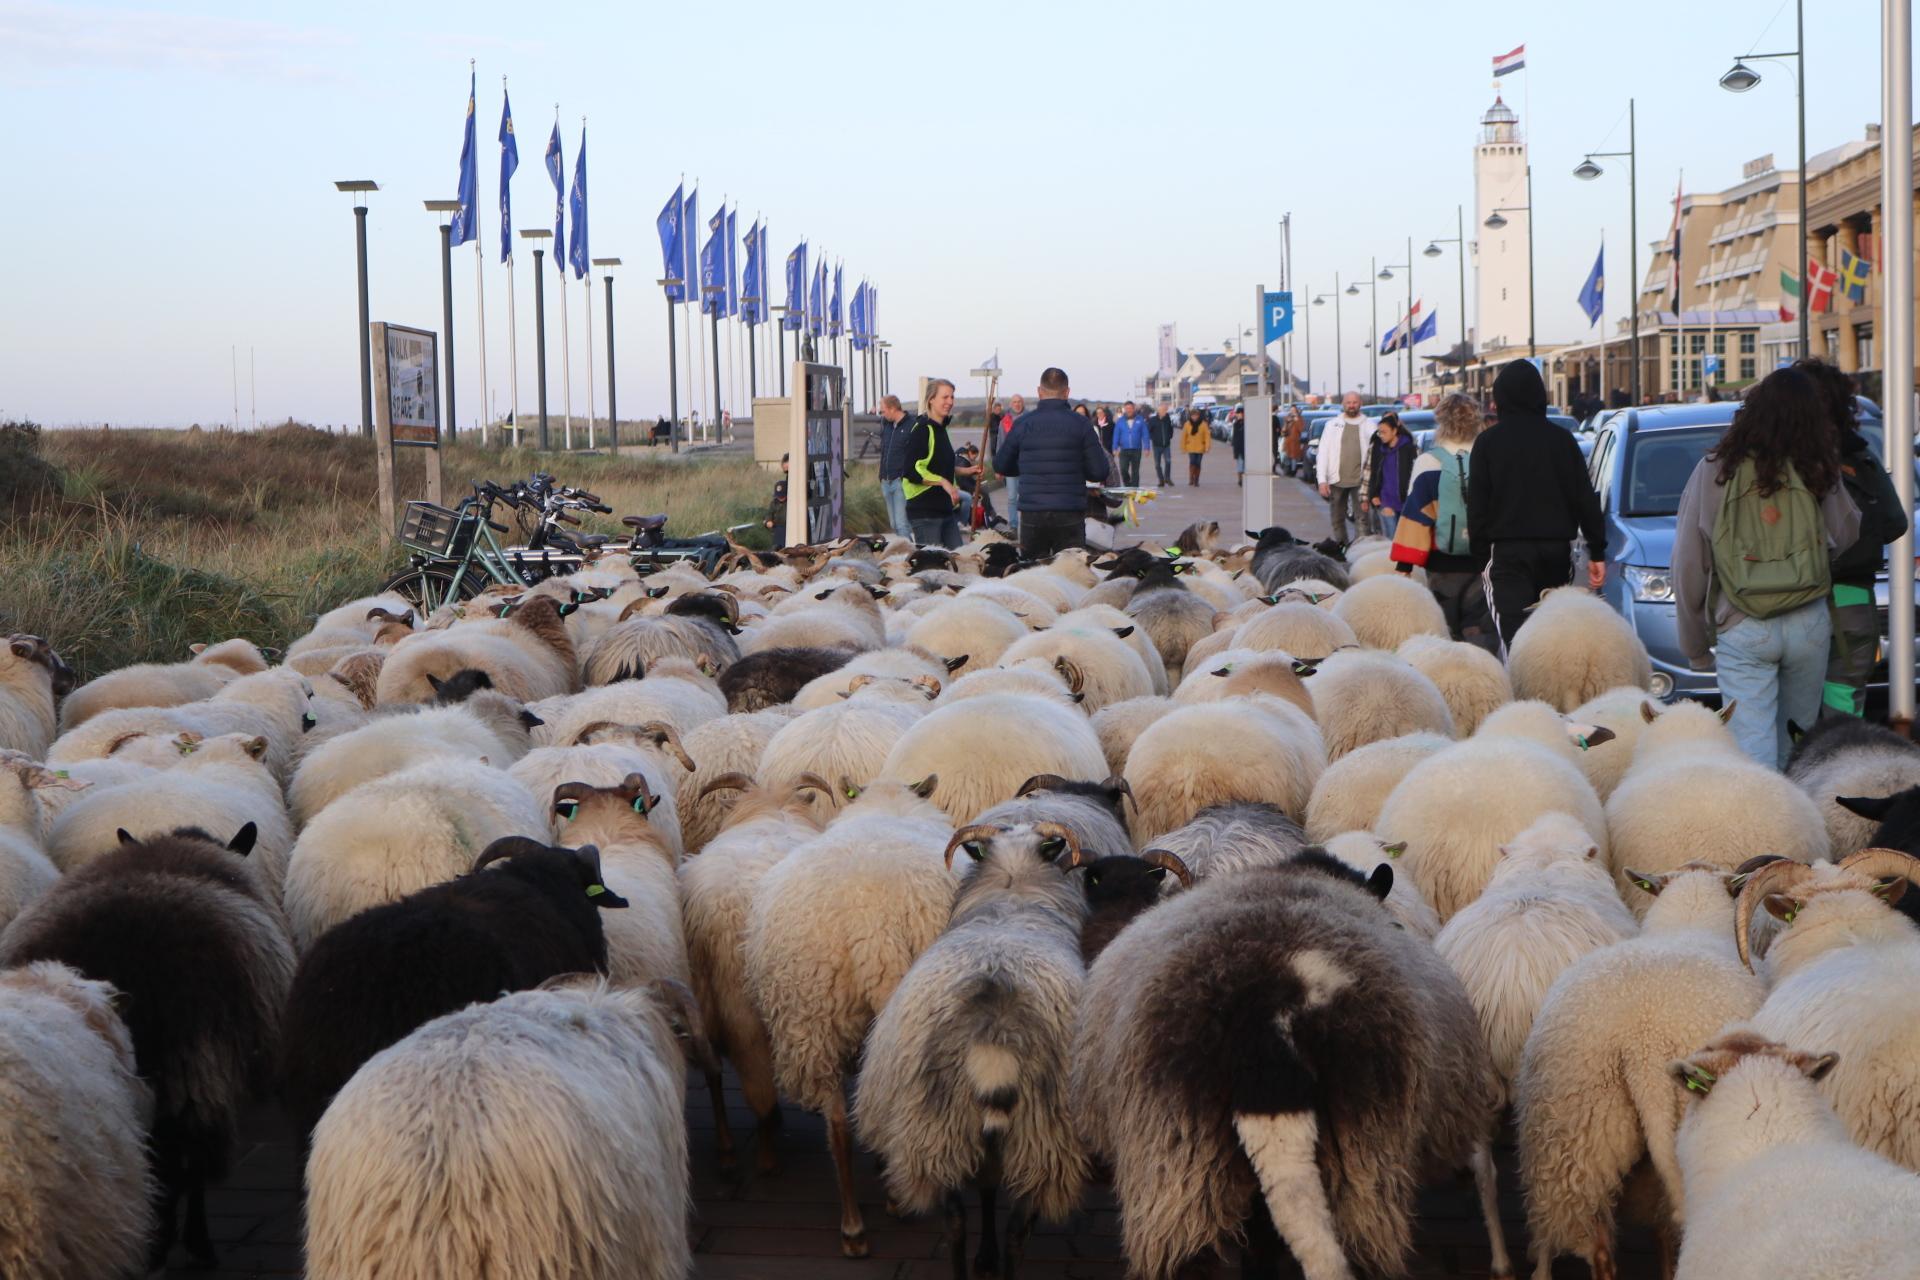 Grote kudde schapen van Katwijk door naar Noordwijk [video, foto's]